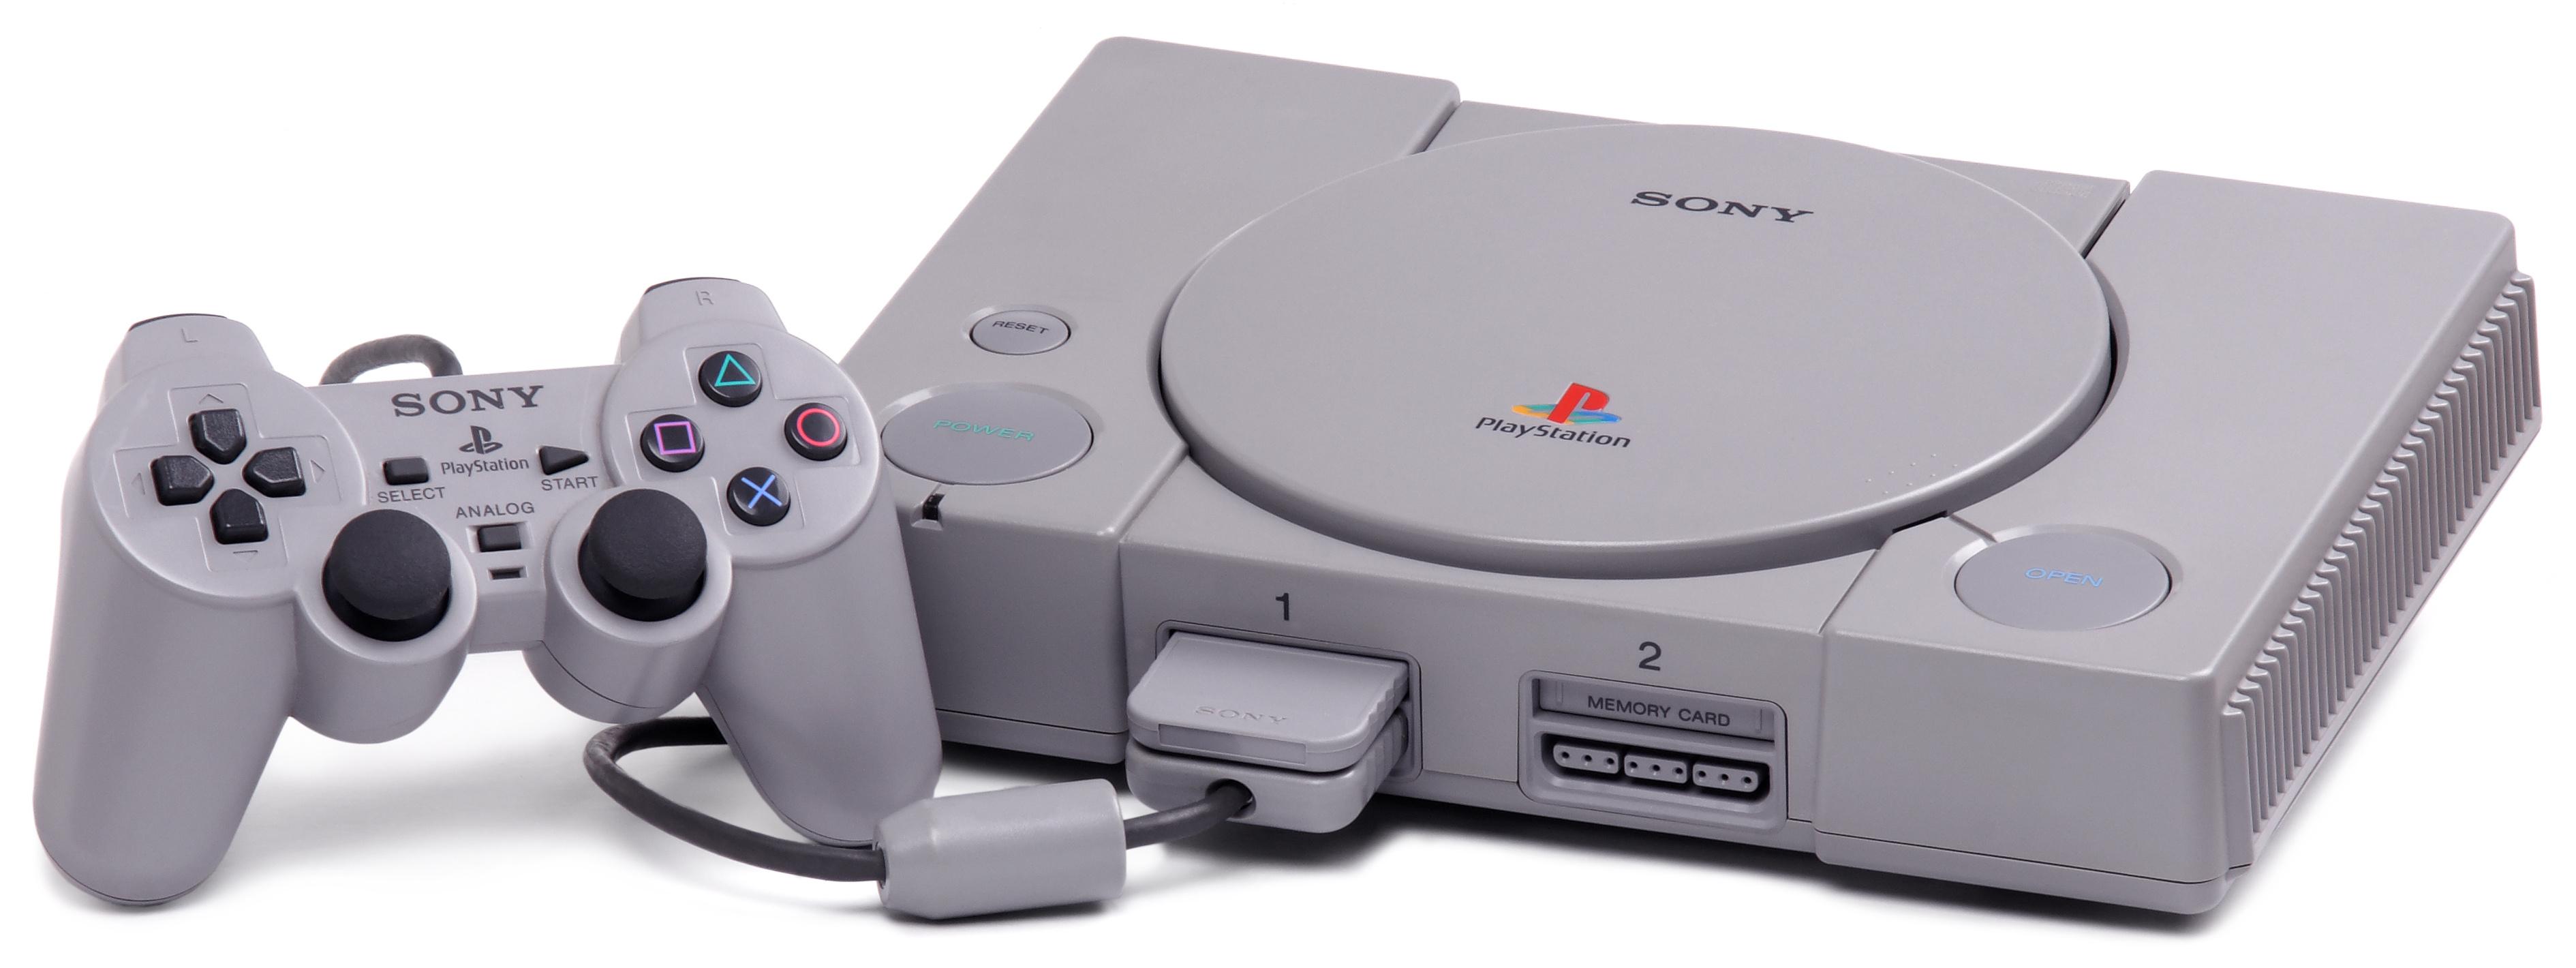 Sony playstation portable street e1000 скачать игры бесплатно - 7